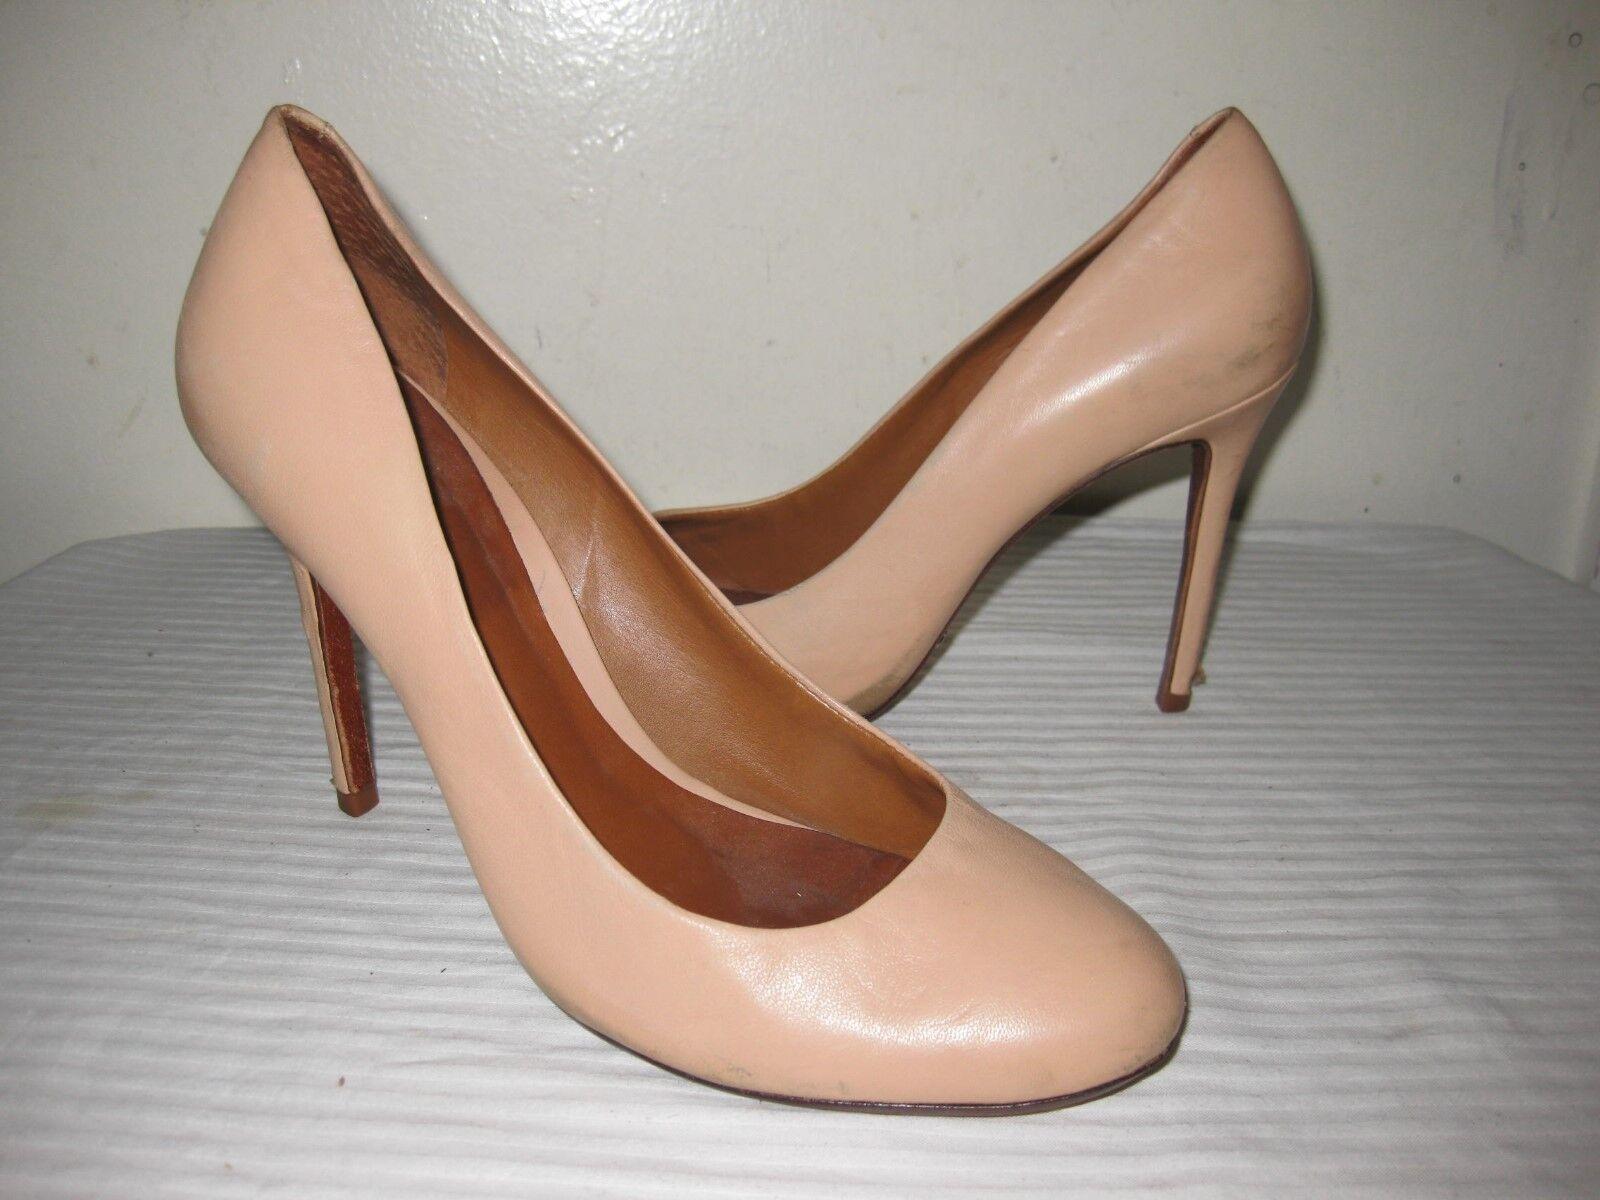 Schutz  Leather Nude Pumps shoes Women's Size 40   9.B